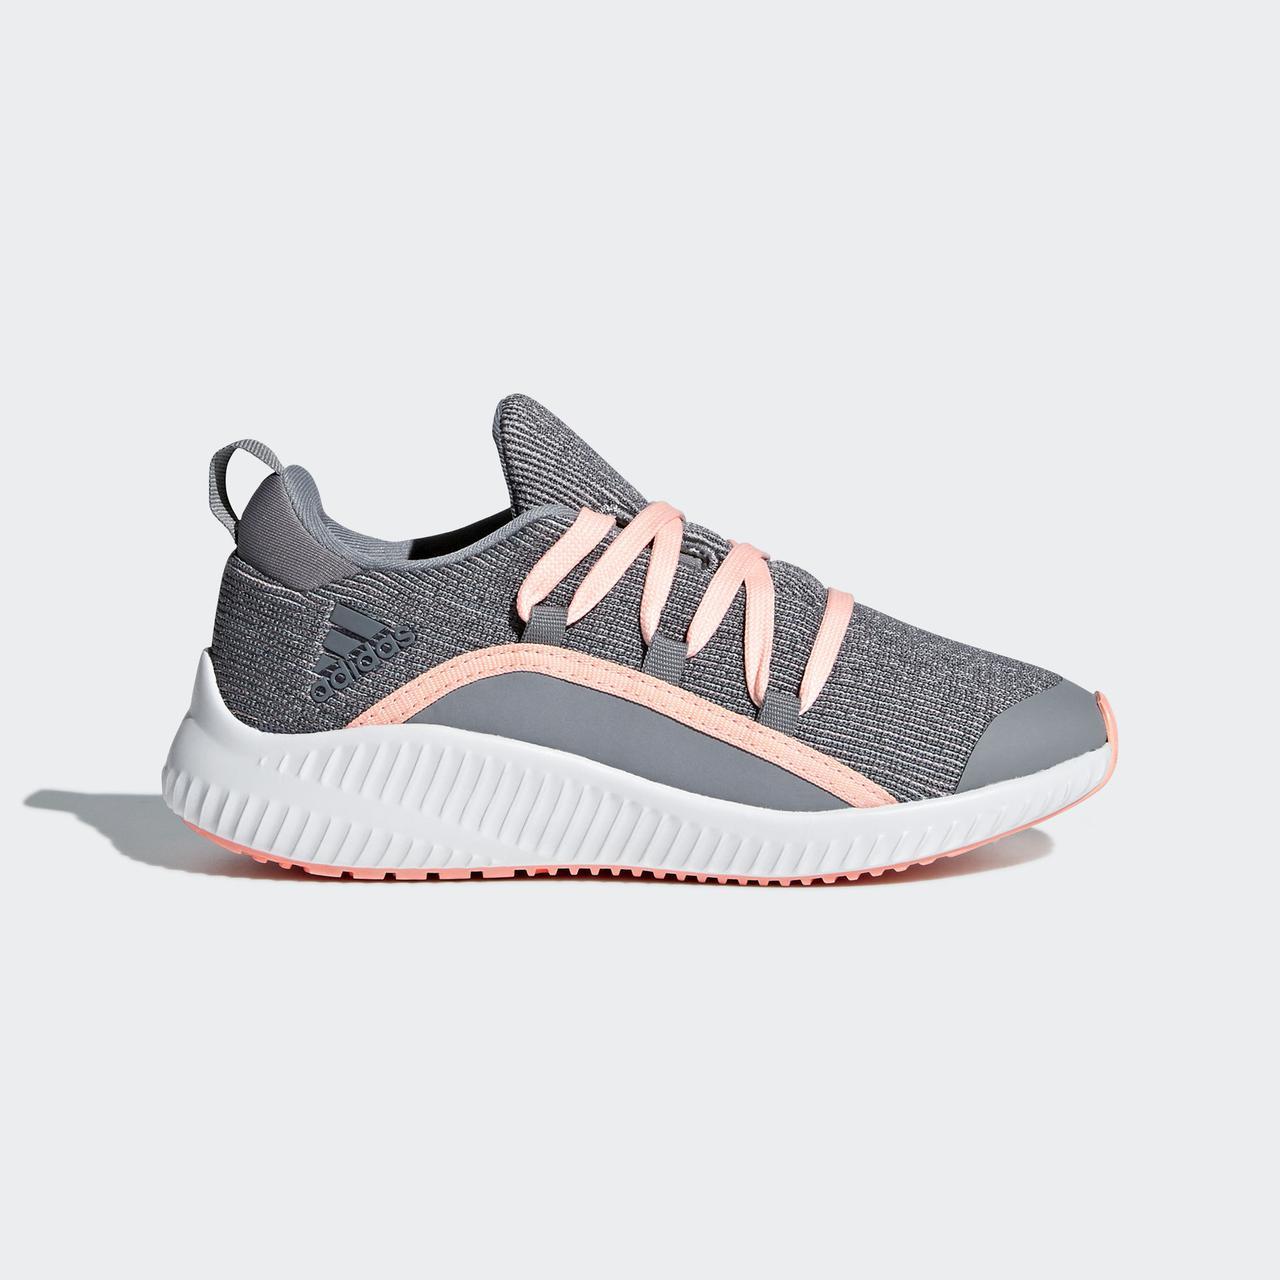 fc566d65 Купить Детские кроссовки Adidas Performance Fortarun X (Артикул ...